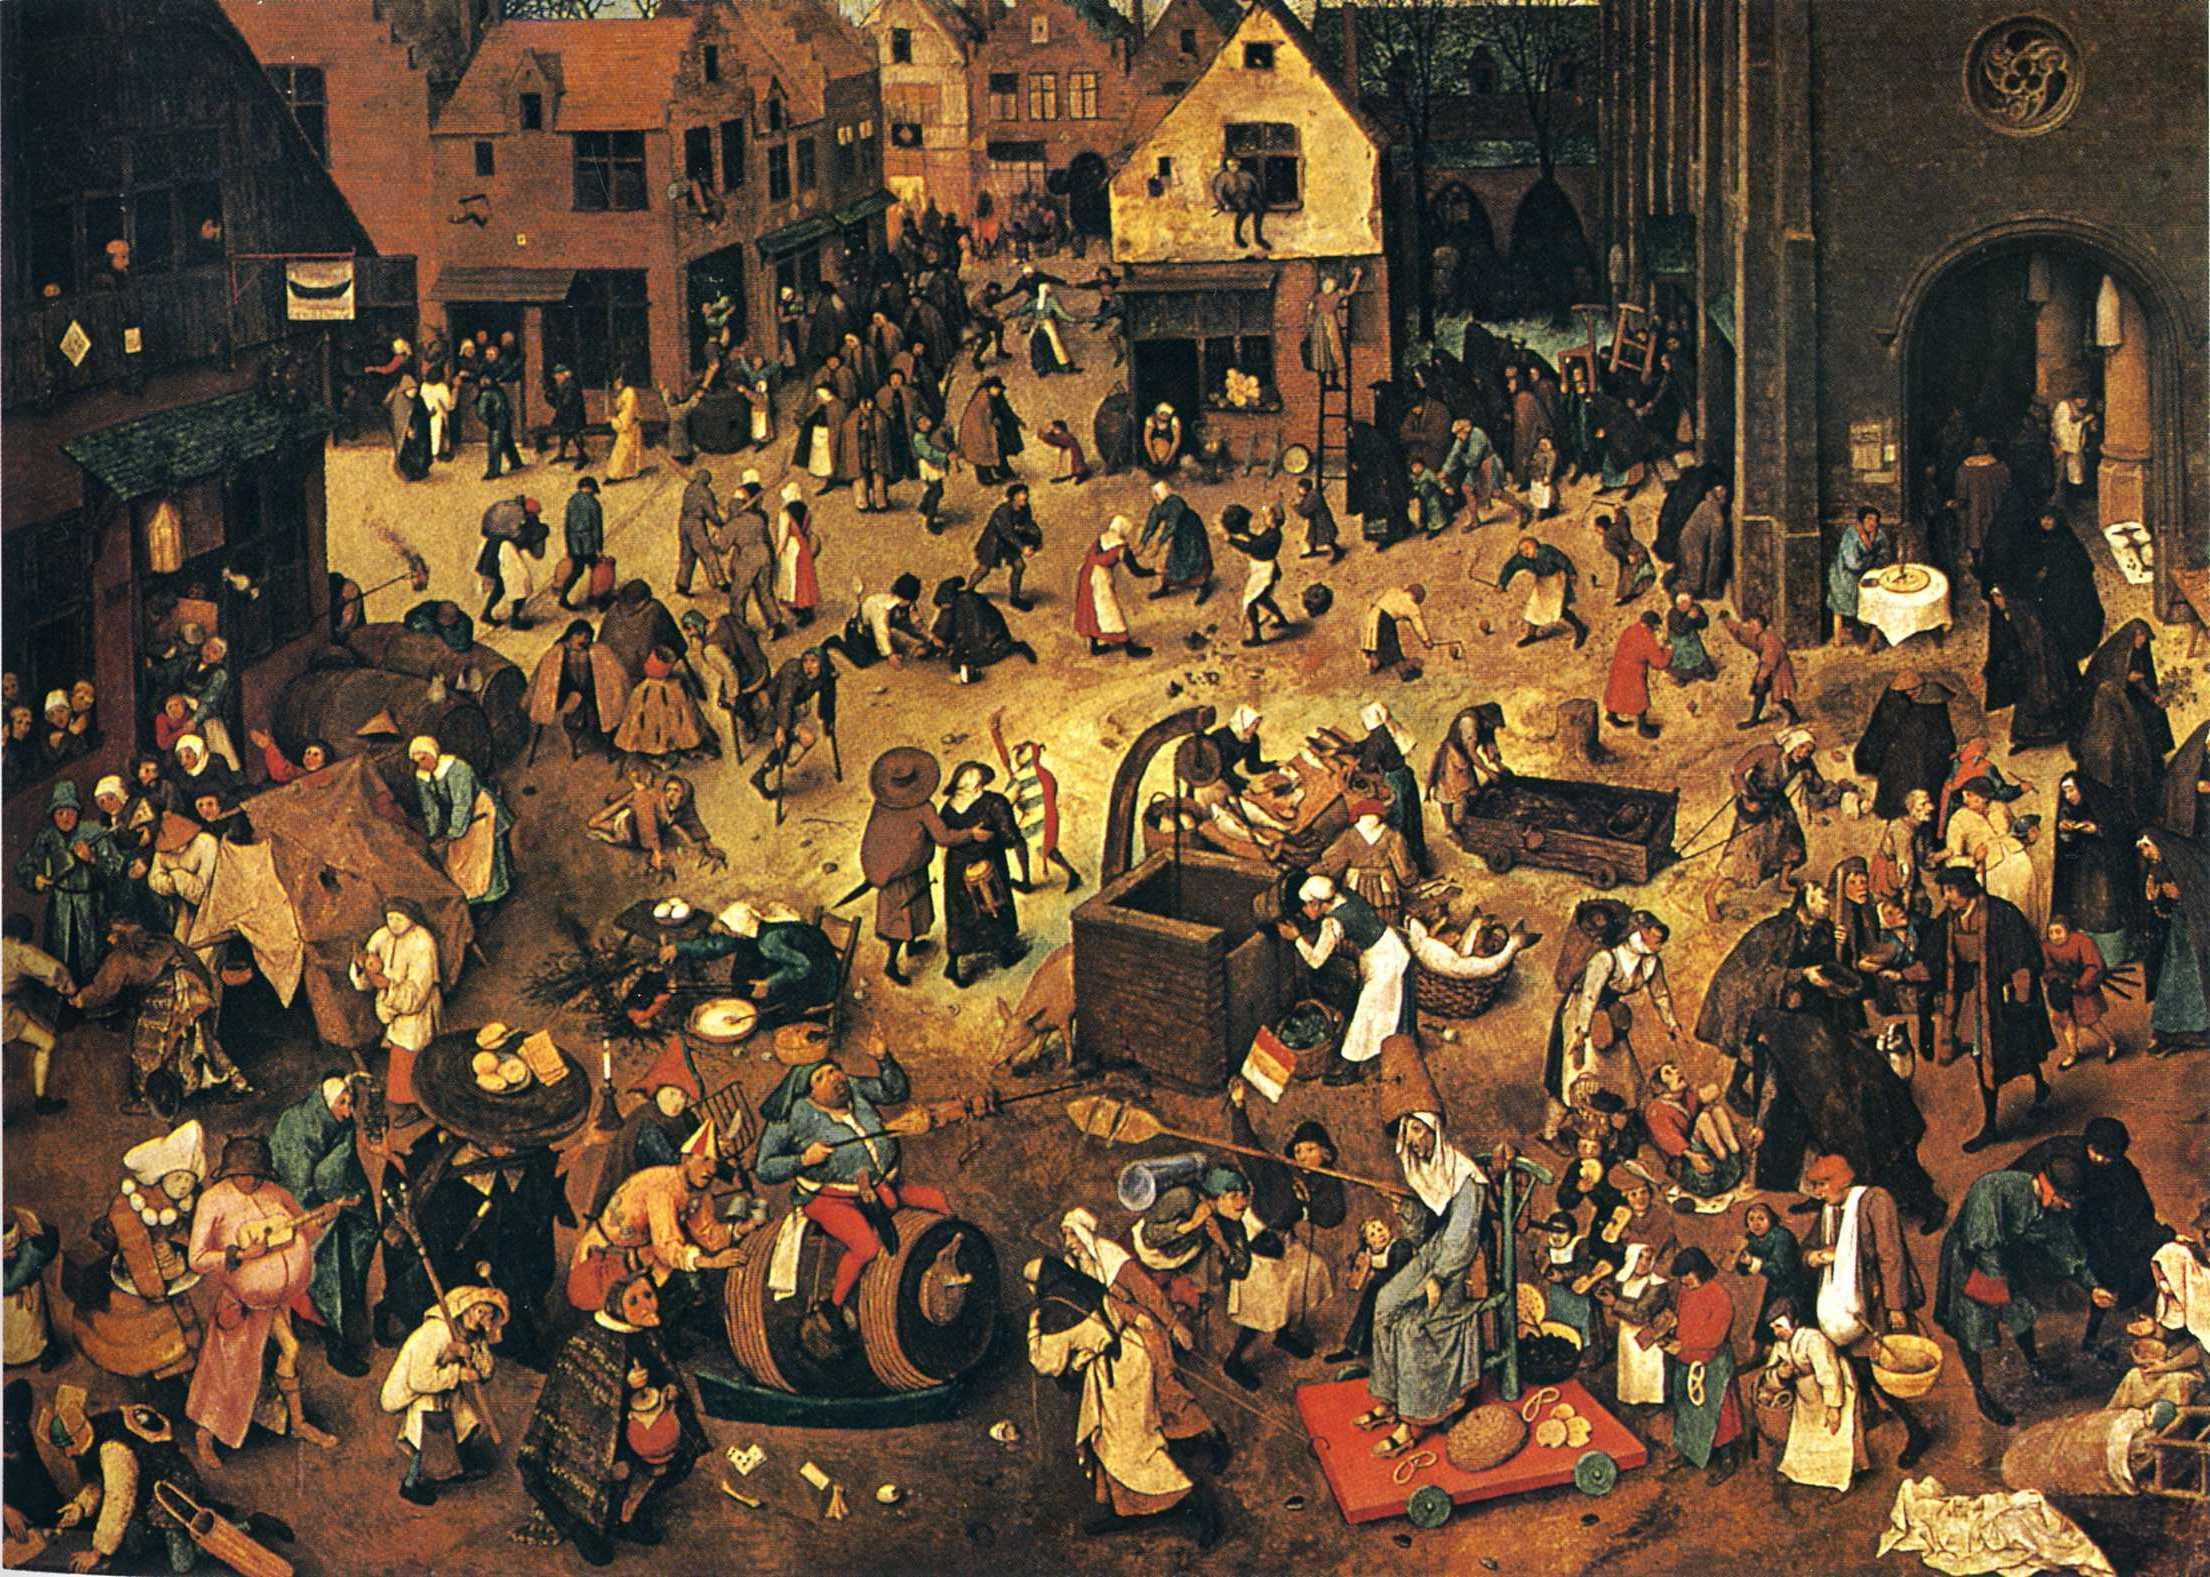 Karnaval ve Perhiz Arasındaki Savaş, Pieter Bruegel, 1559.